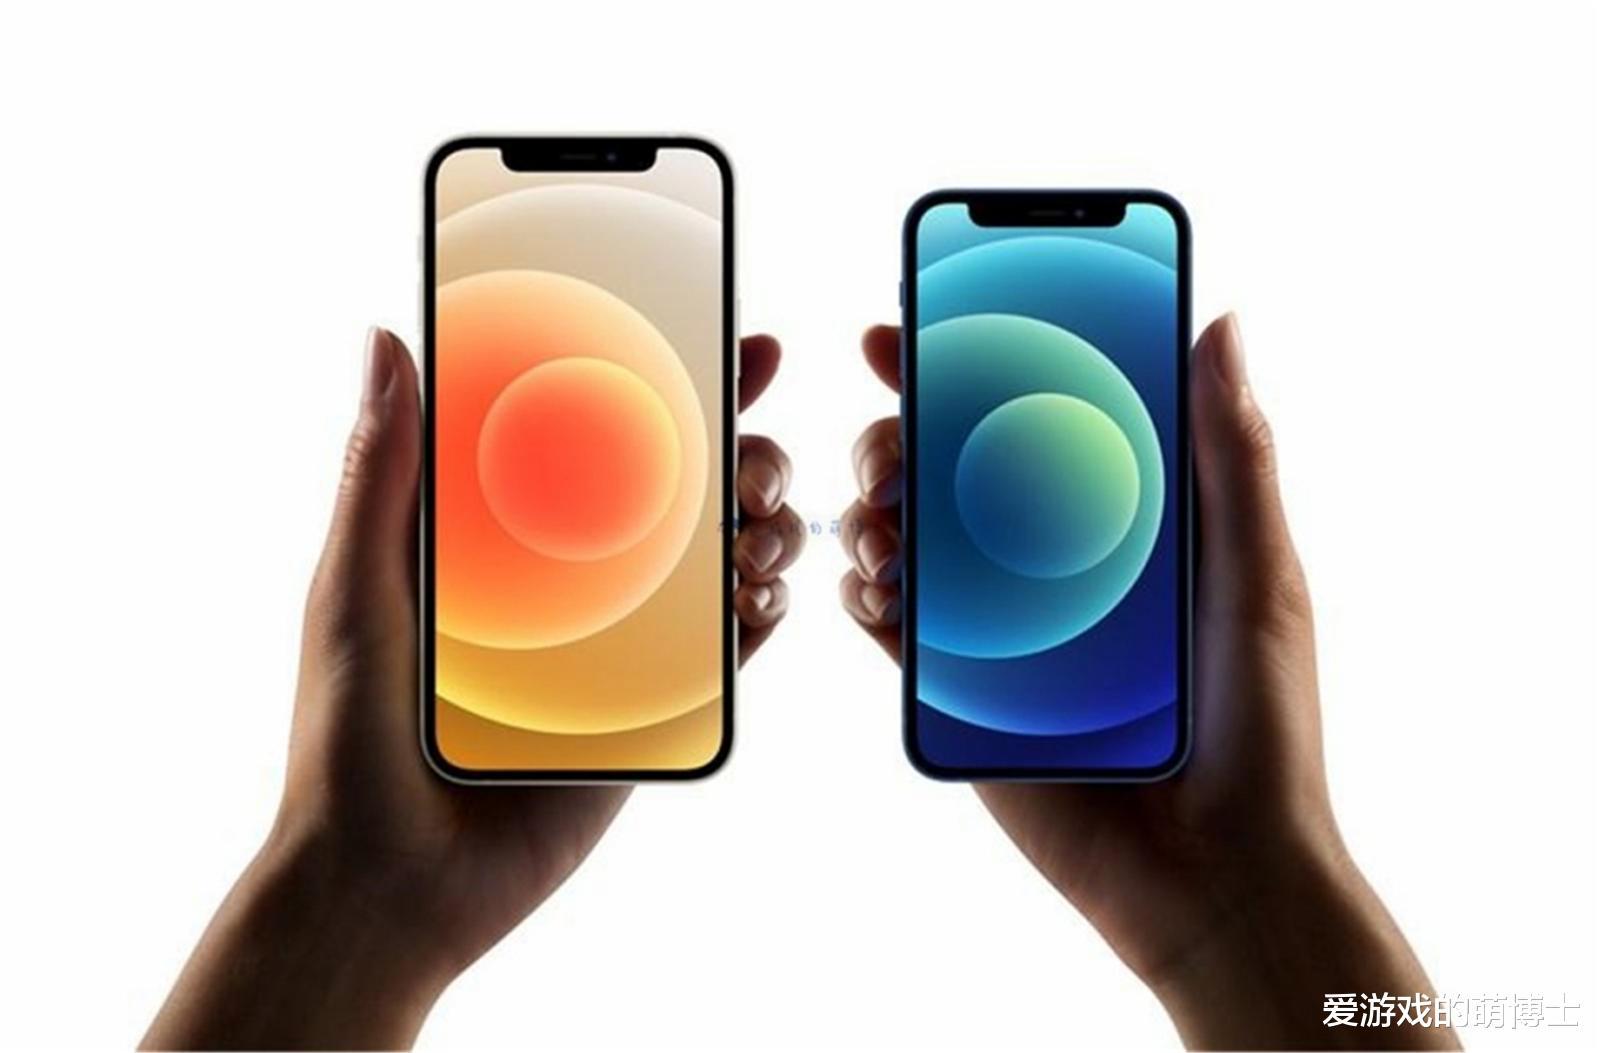 死神507_iPhone 12和Pro内部构造几乎一样?苹果新手机拆解细节曝光